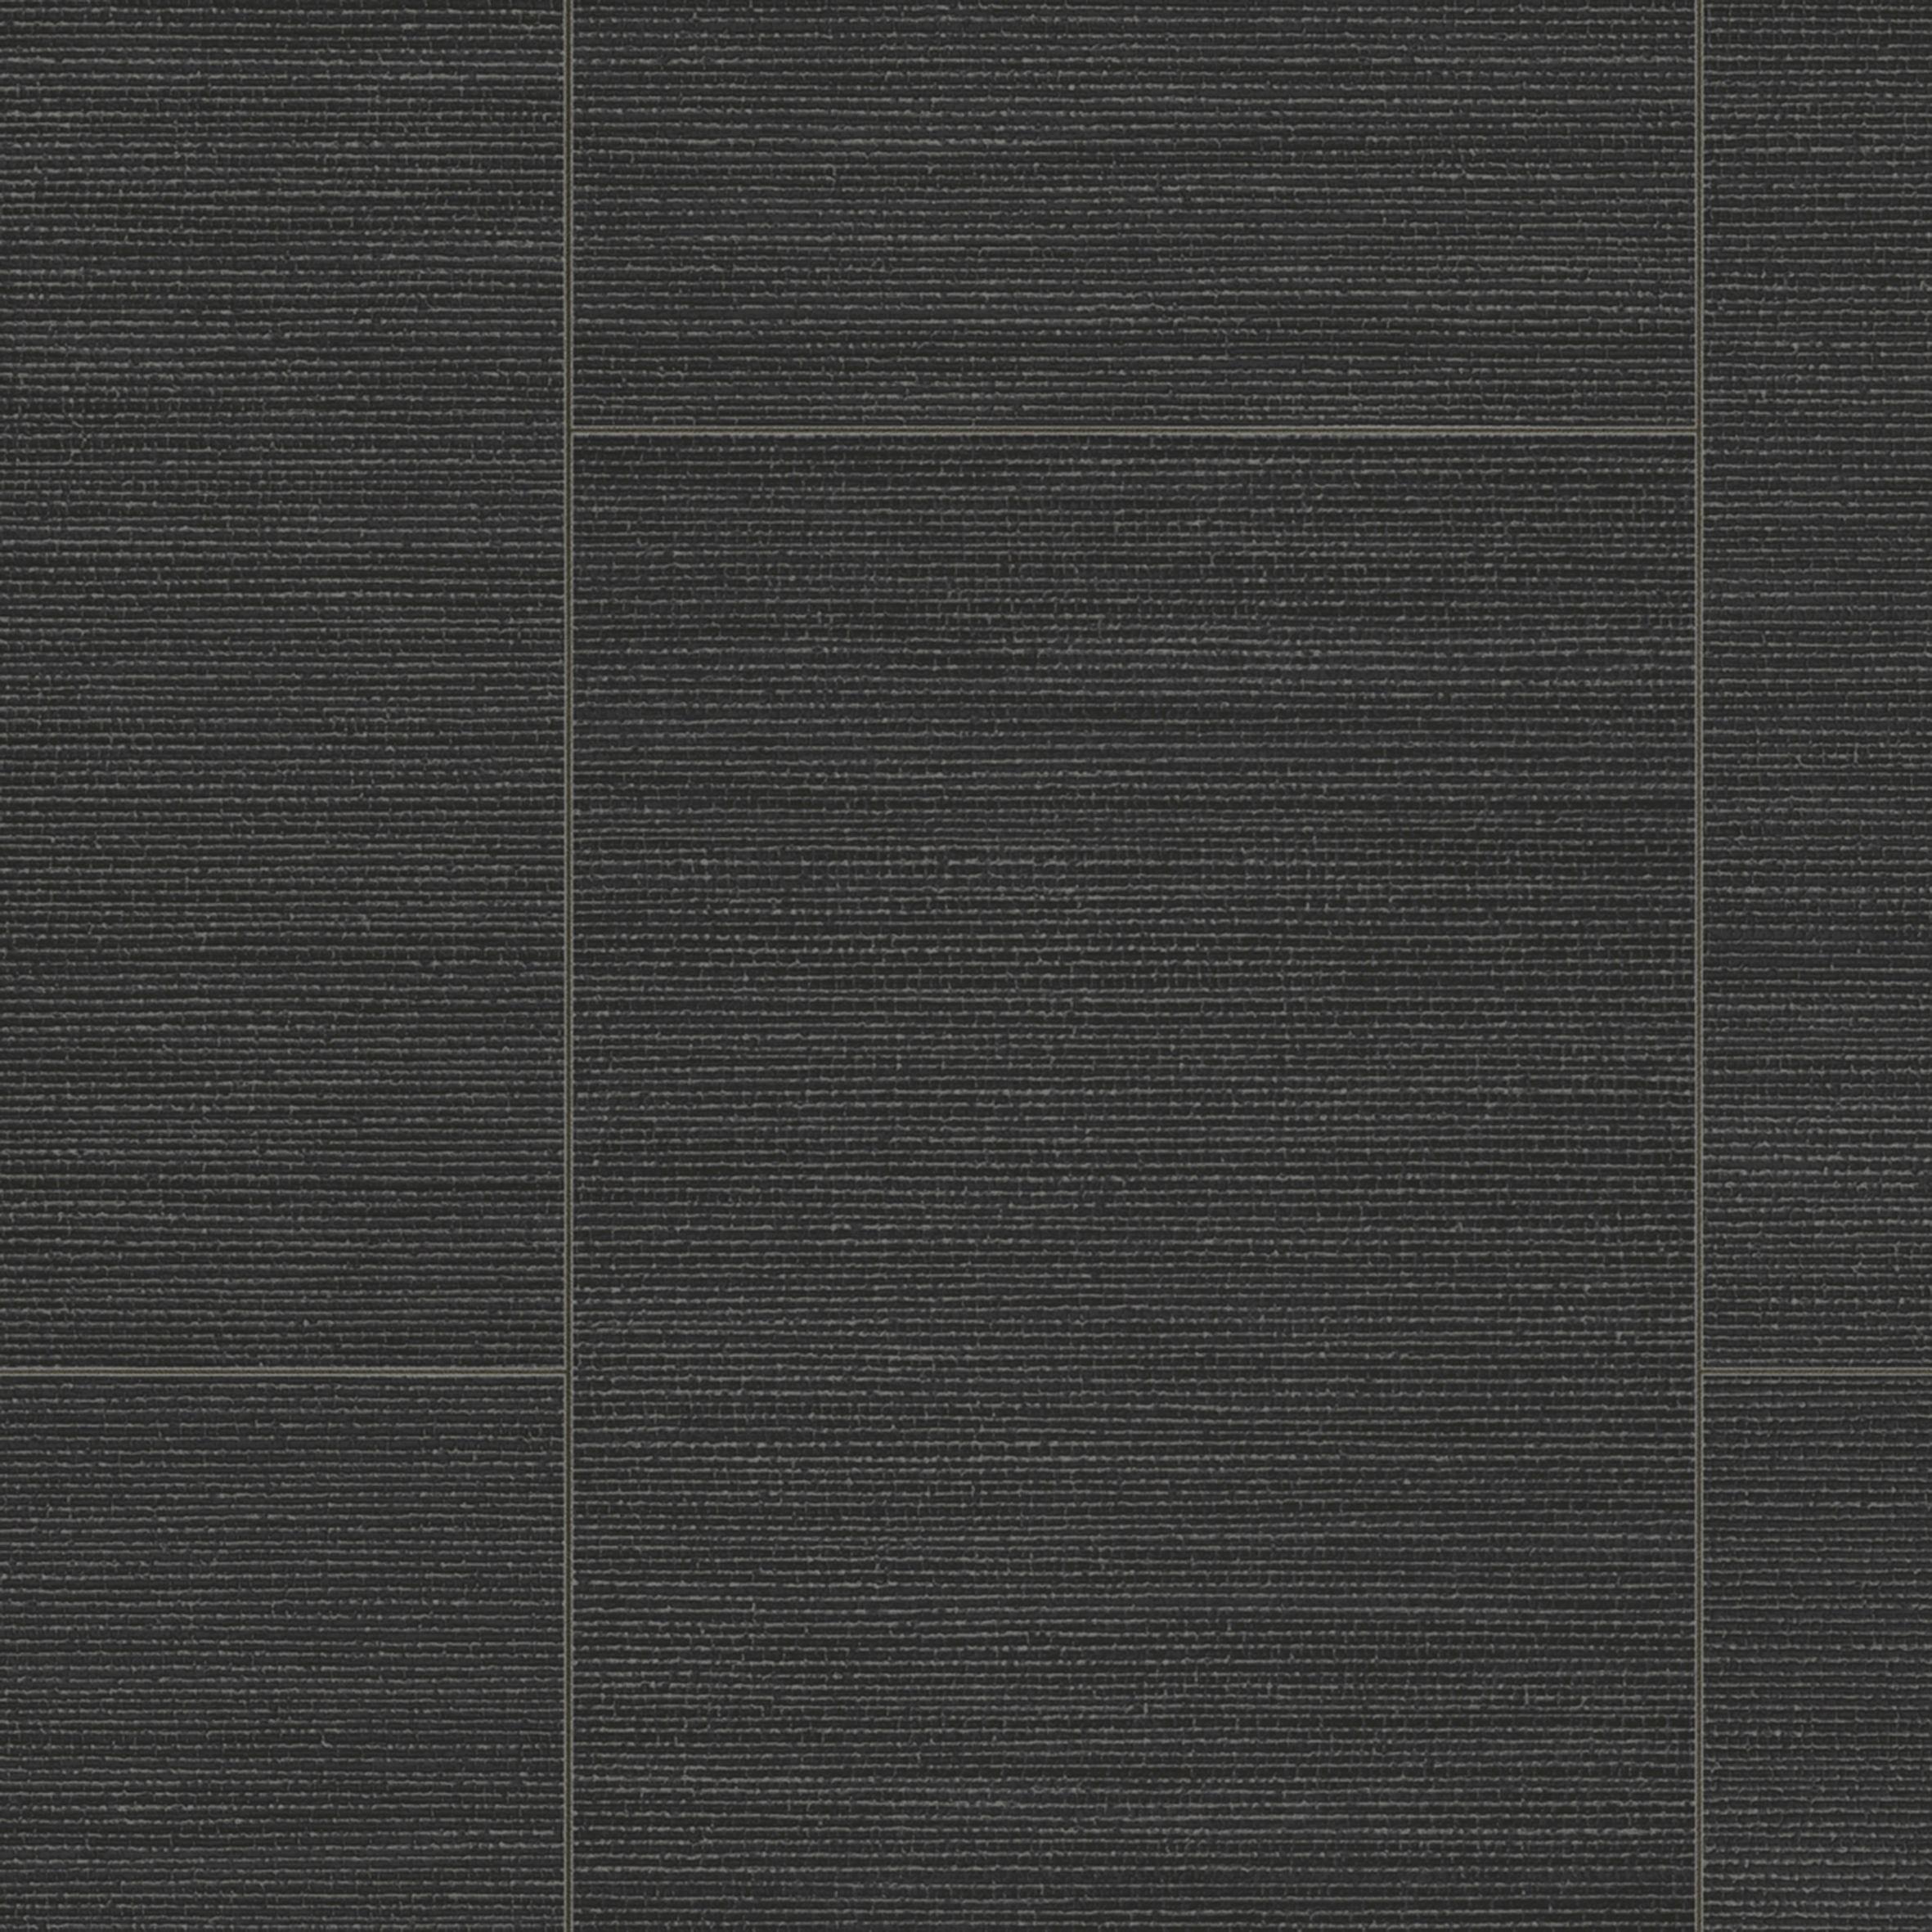 Dolcedo Black Stone Tile Effect Vinyl Cut To Chosen Length In Store